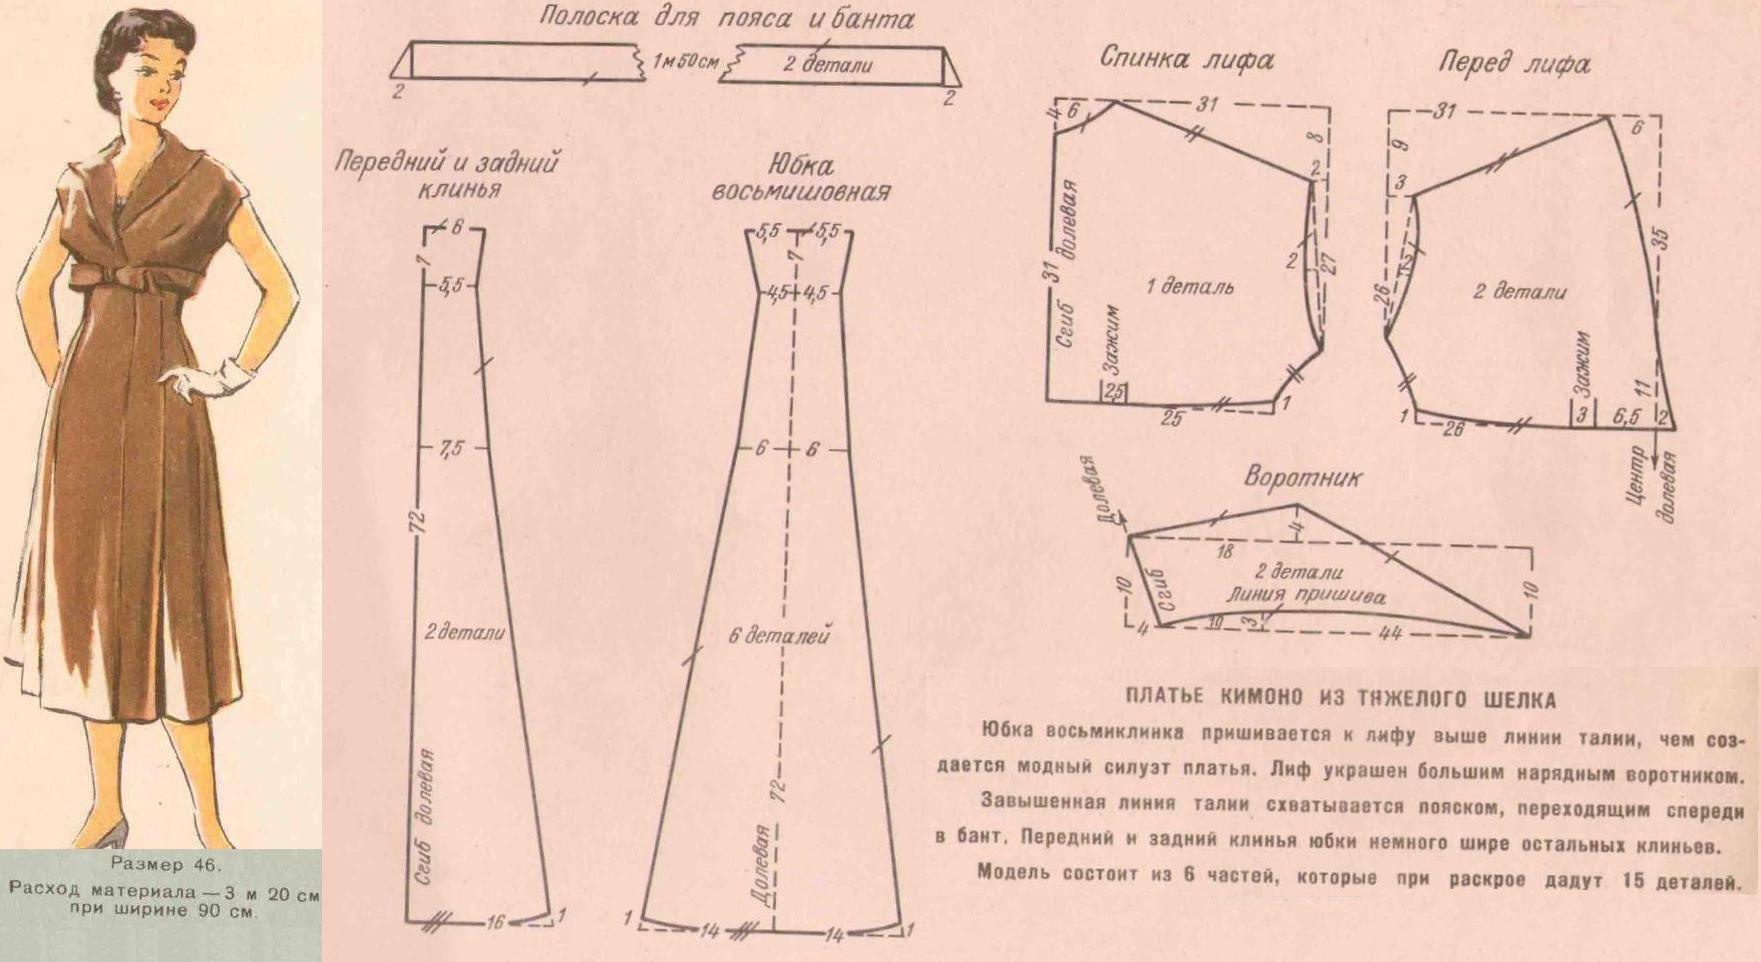 Pin von Pusha auf Выкройки 50-х годов. | Pinterest | Muster und Nähen